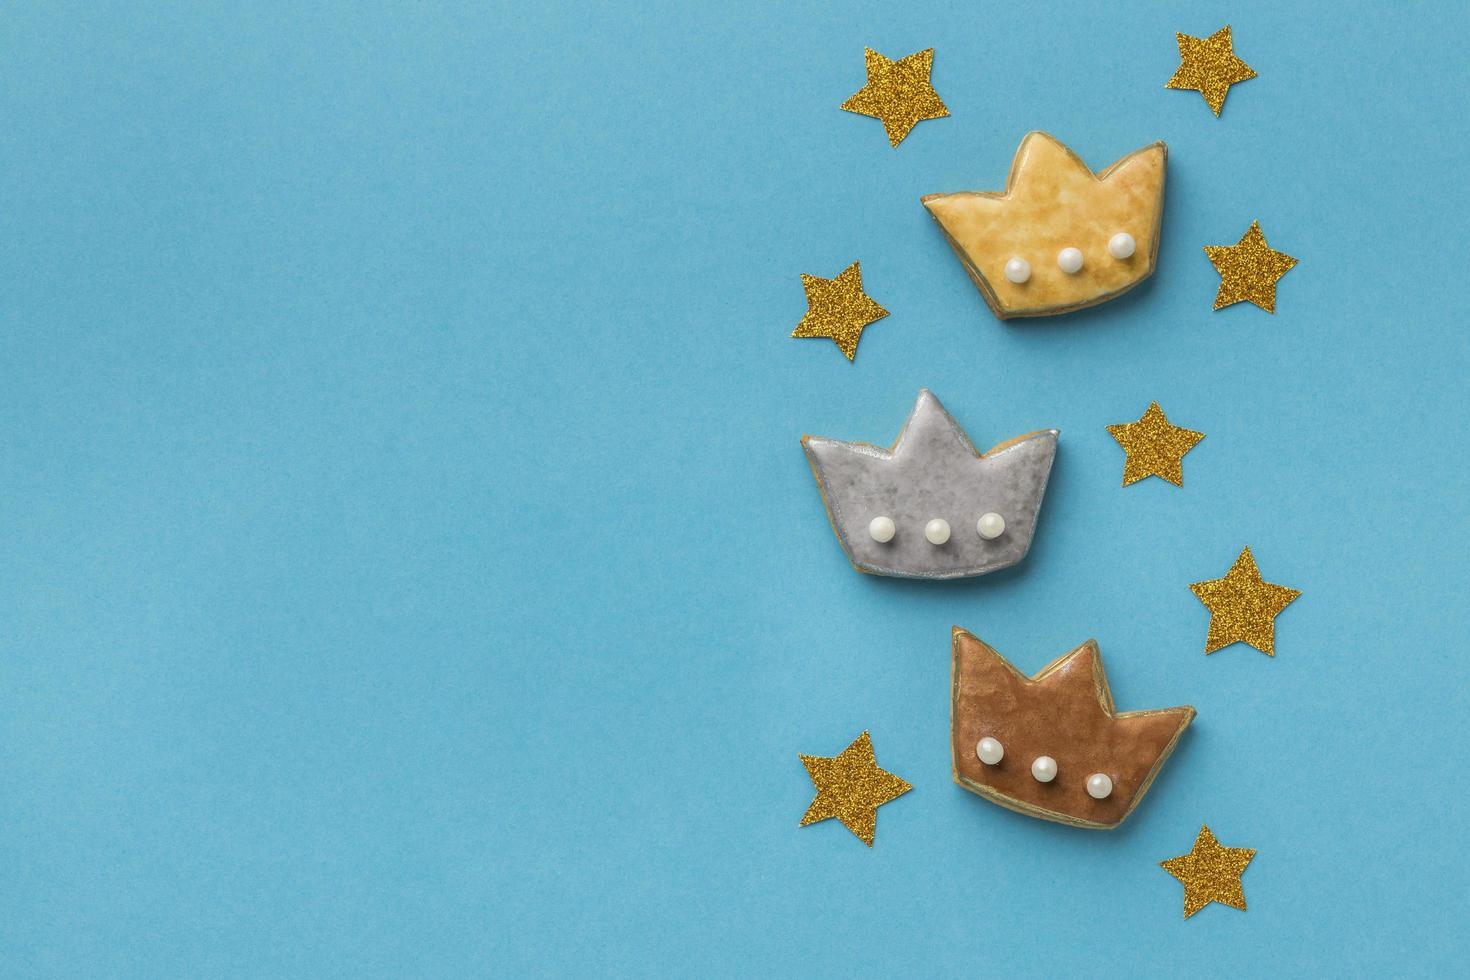 kroonkoekjes en sterren voor epiphany-dag foto